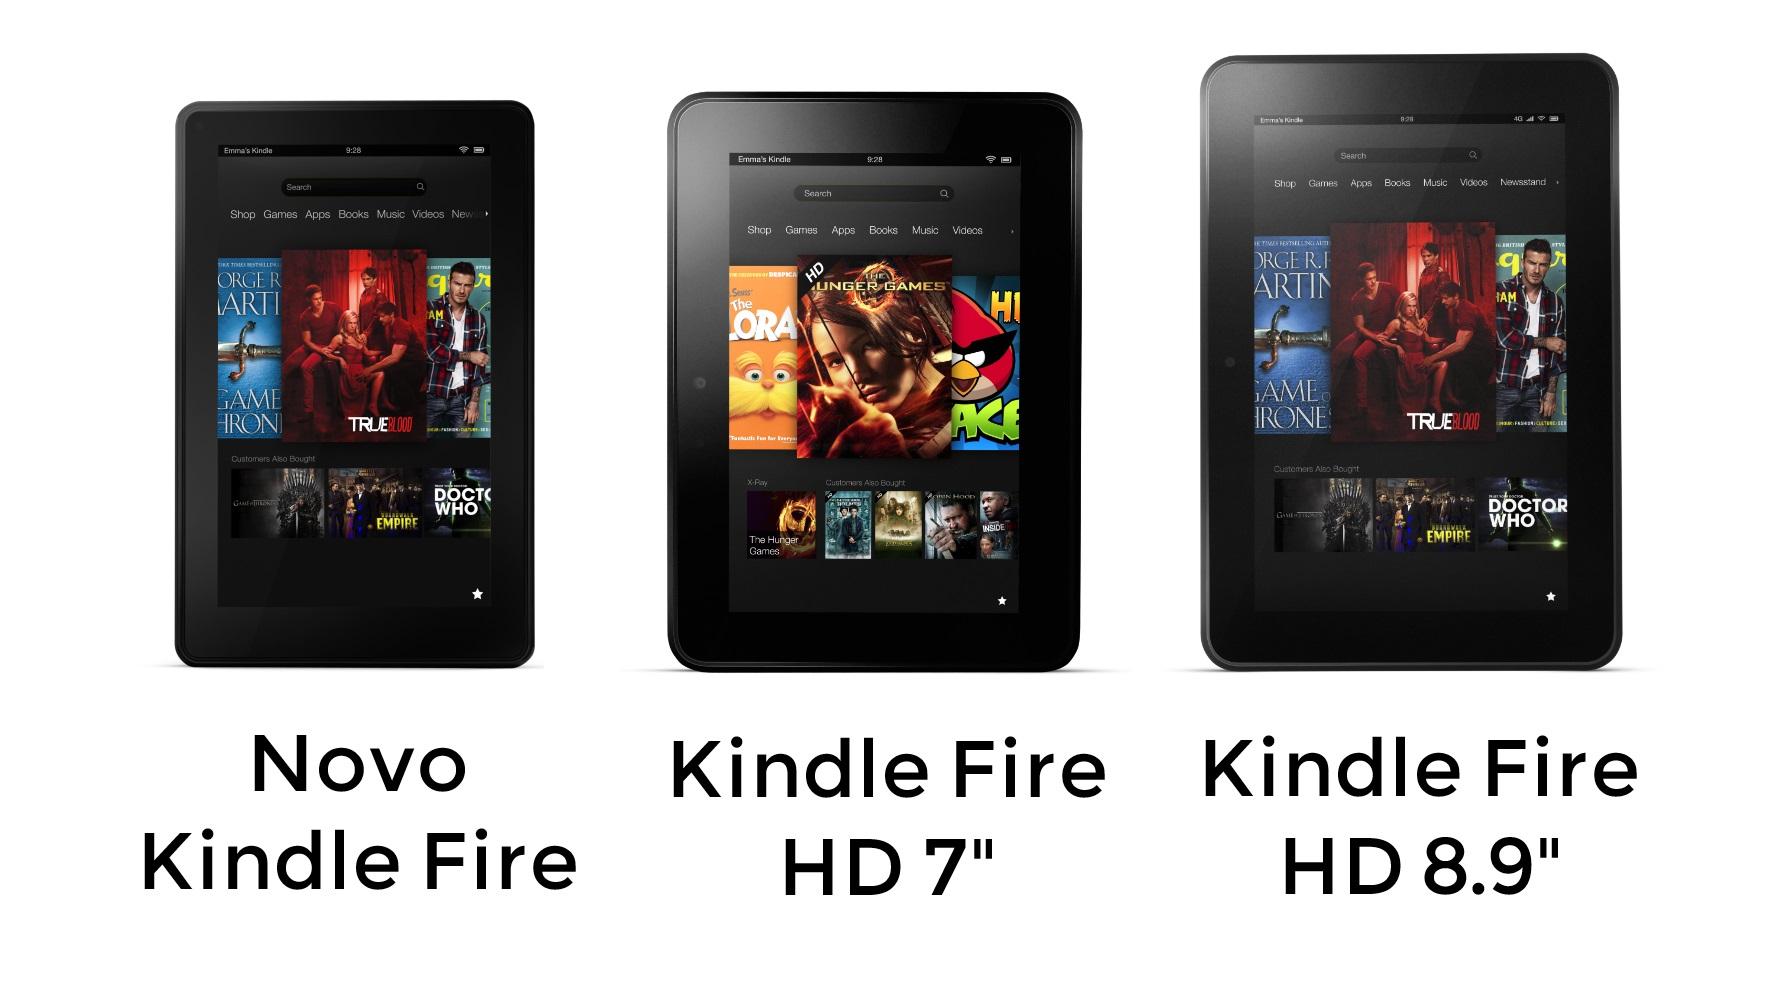 Nova família do Kindle Fire